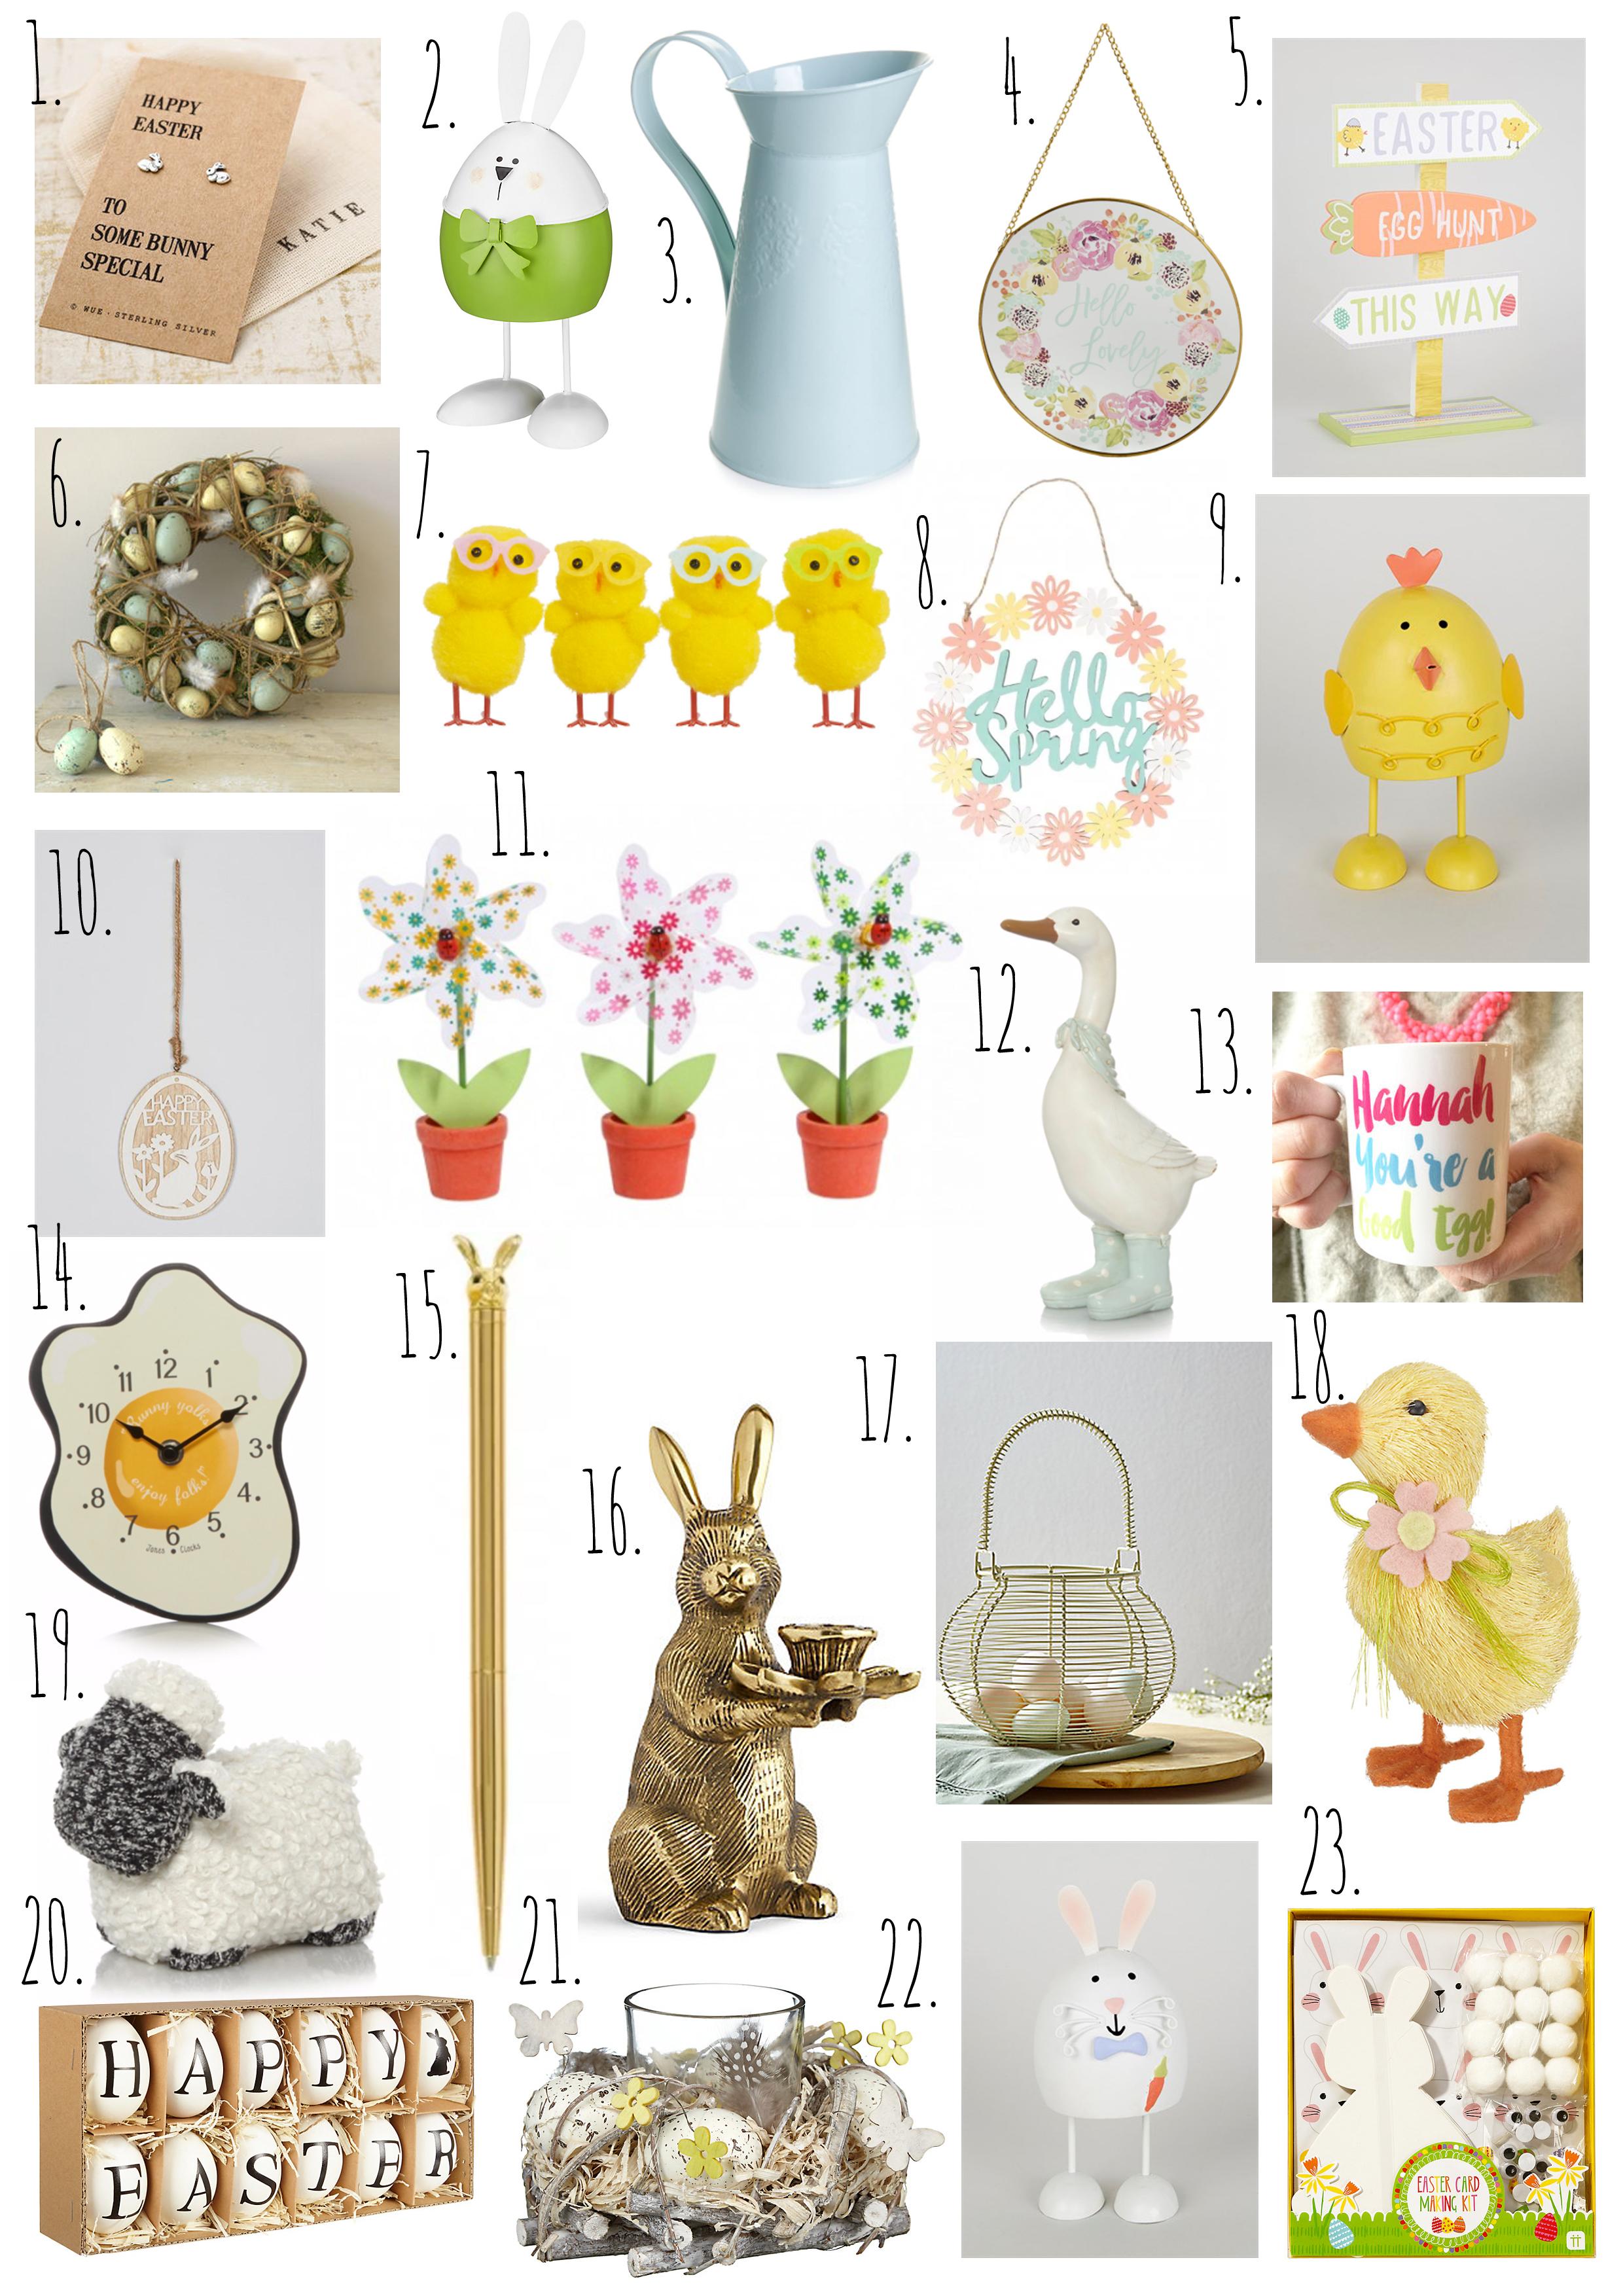 The alternative Easter egg gift list.